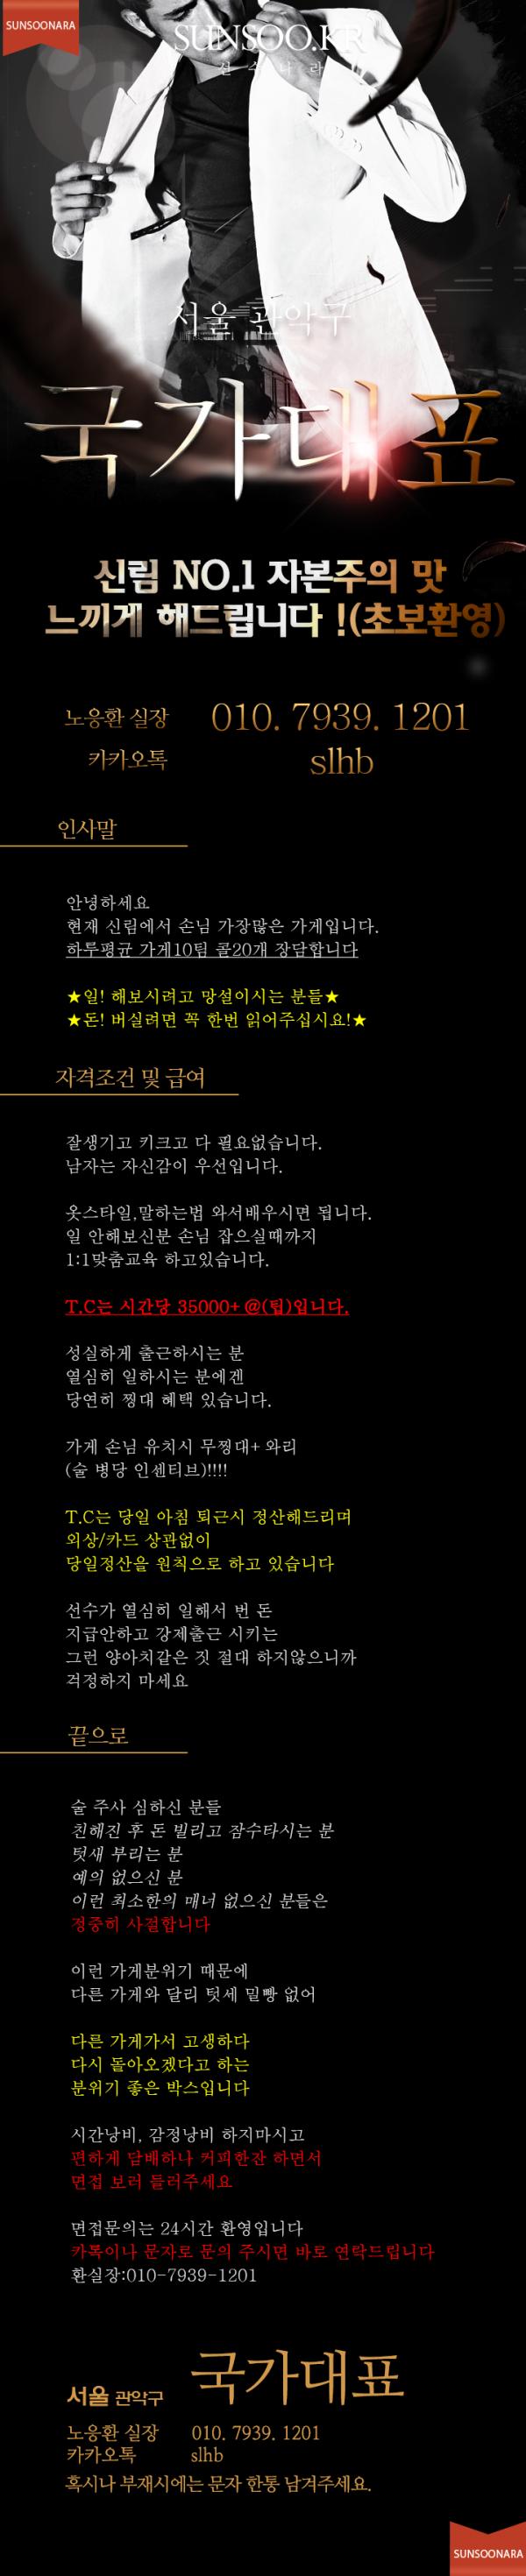 신림 국가대표.png